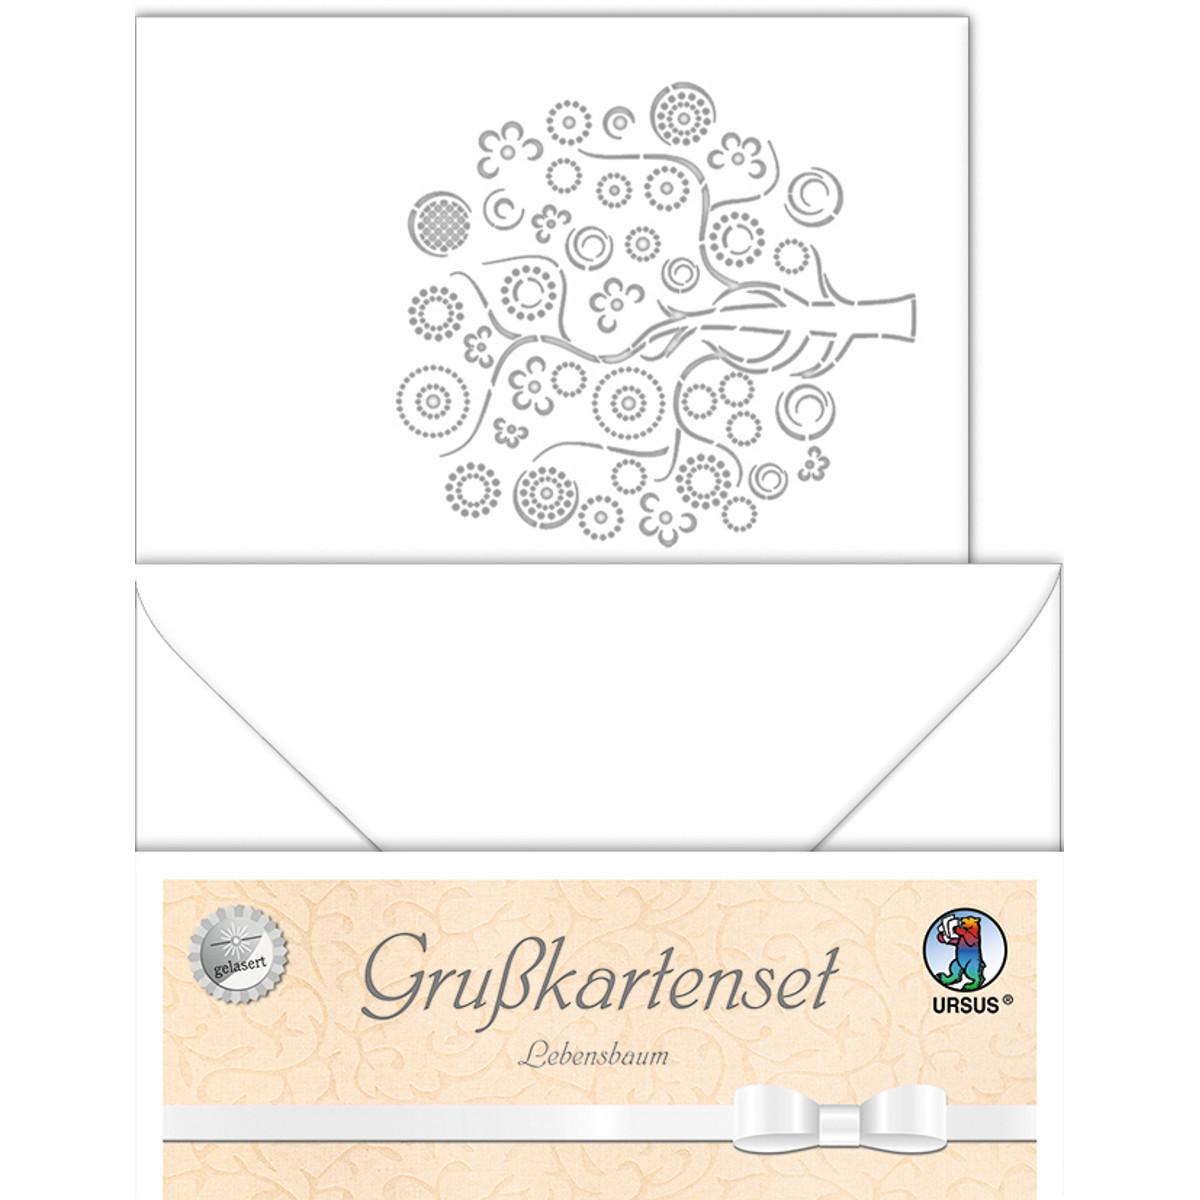 """Grußkarten """"gelasert"""" Lebensbaum weiß - 5 Karten"""